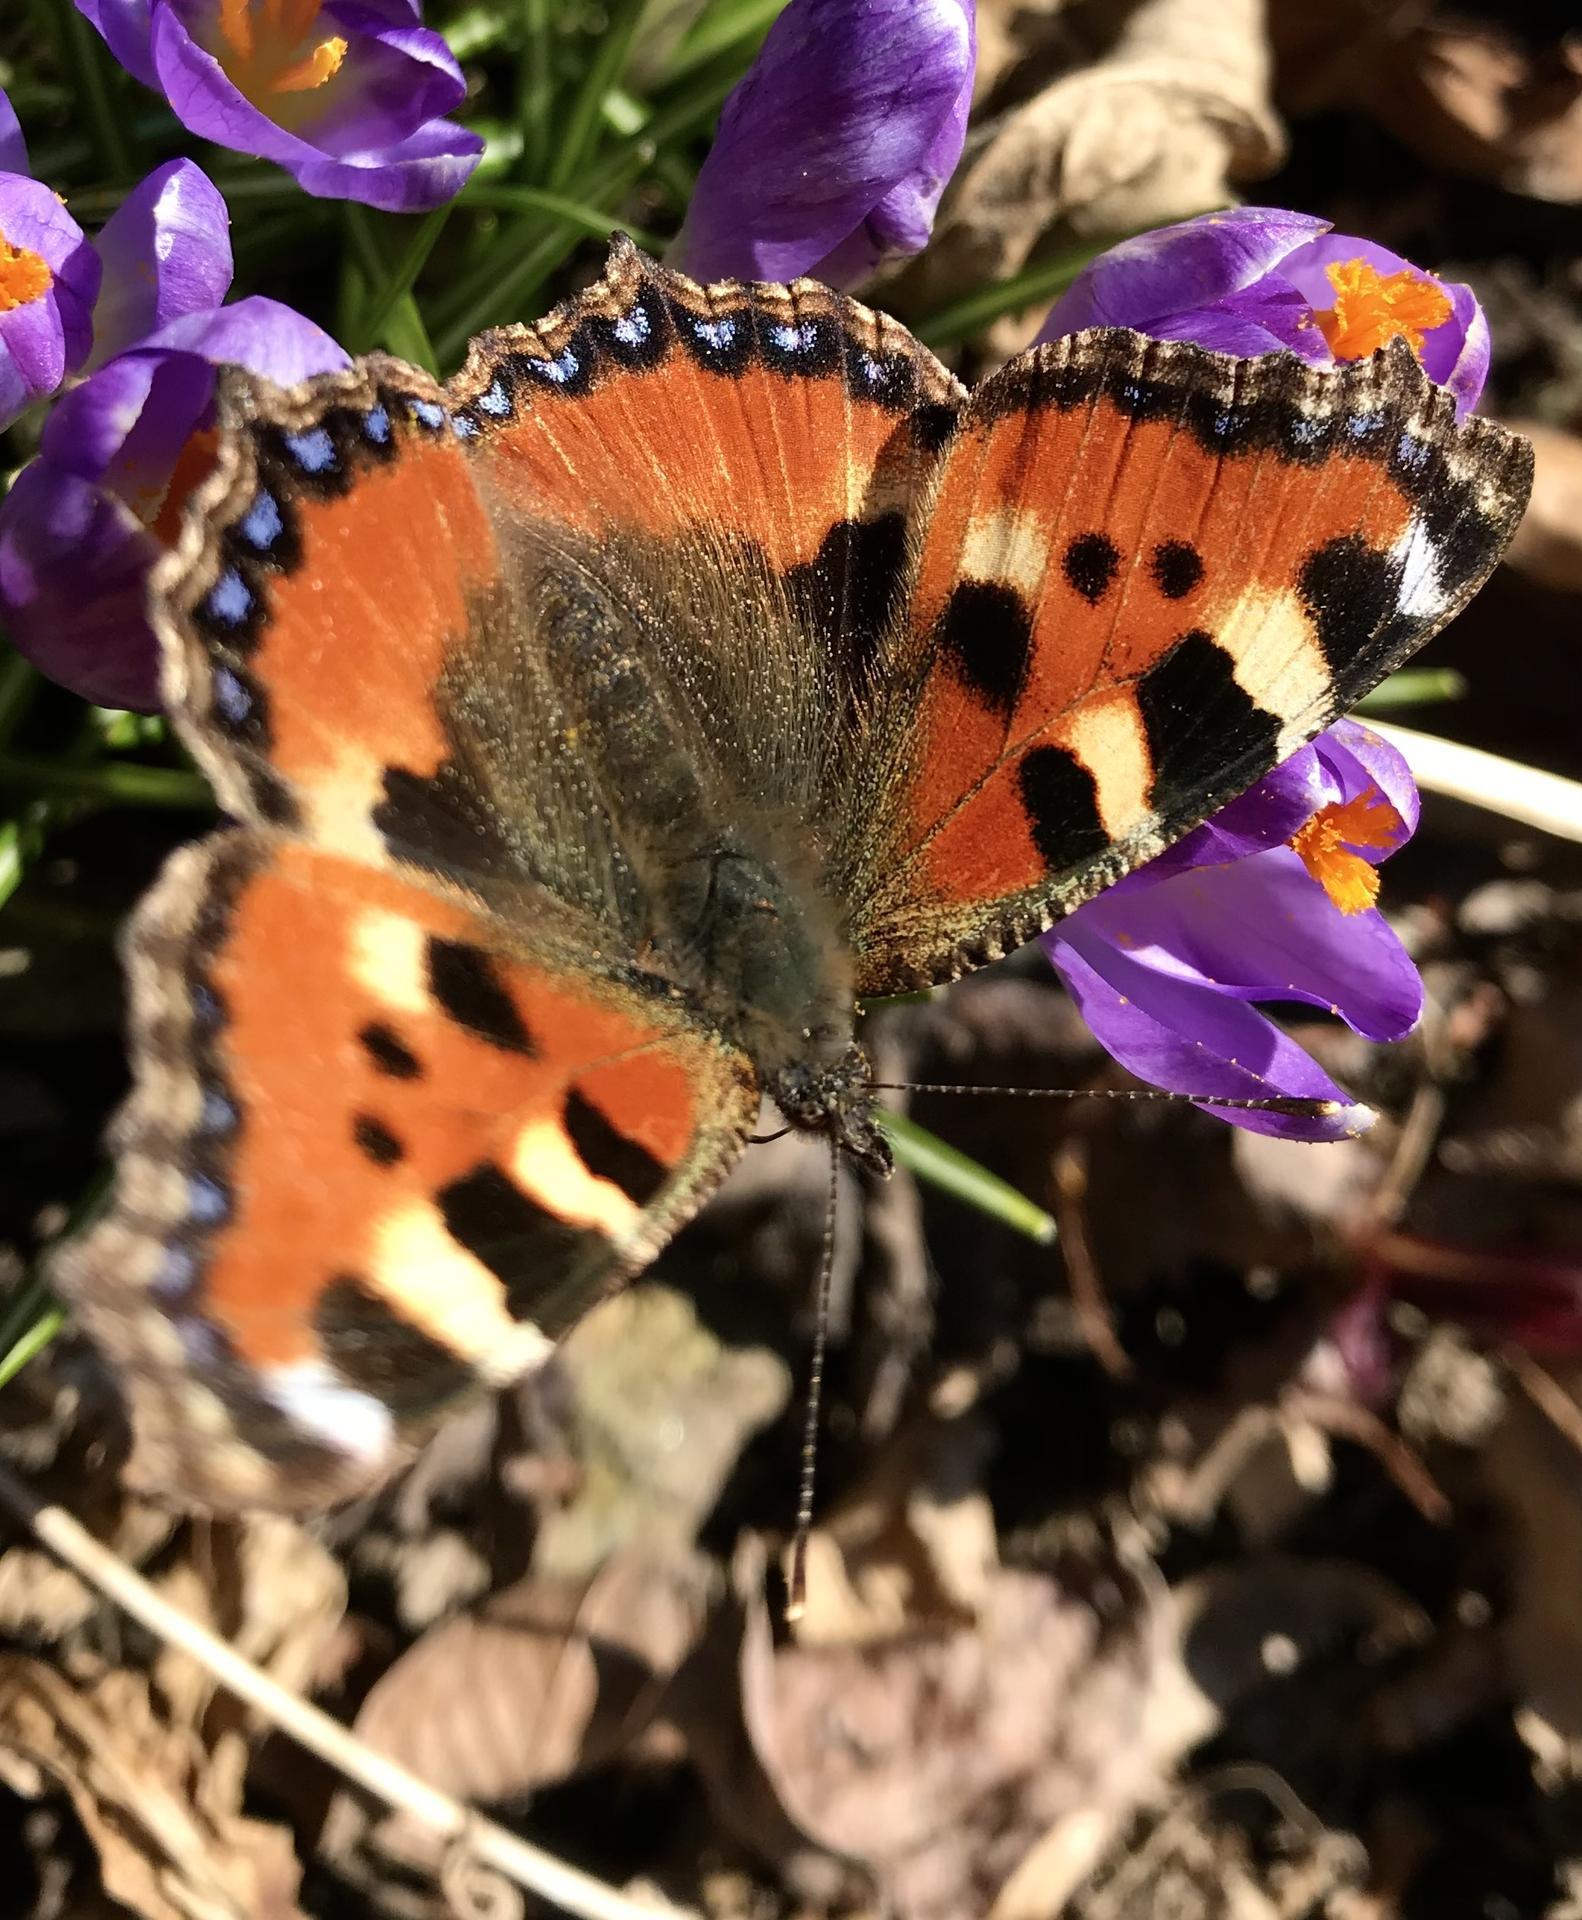 Predvčerom na zázhradke...aj s prvým motýľom. - Obrázok č. 1